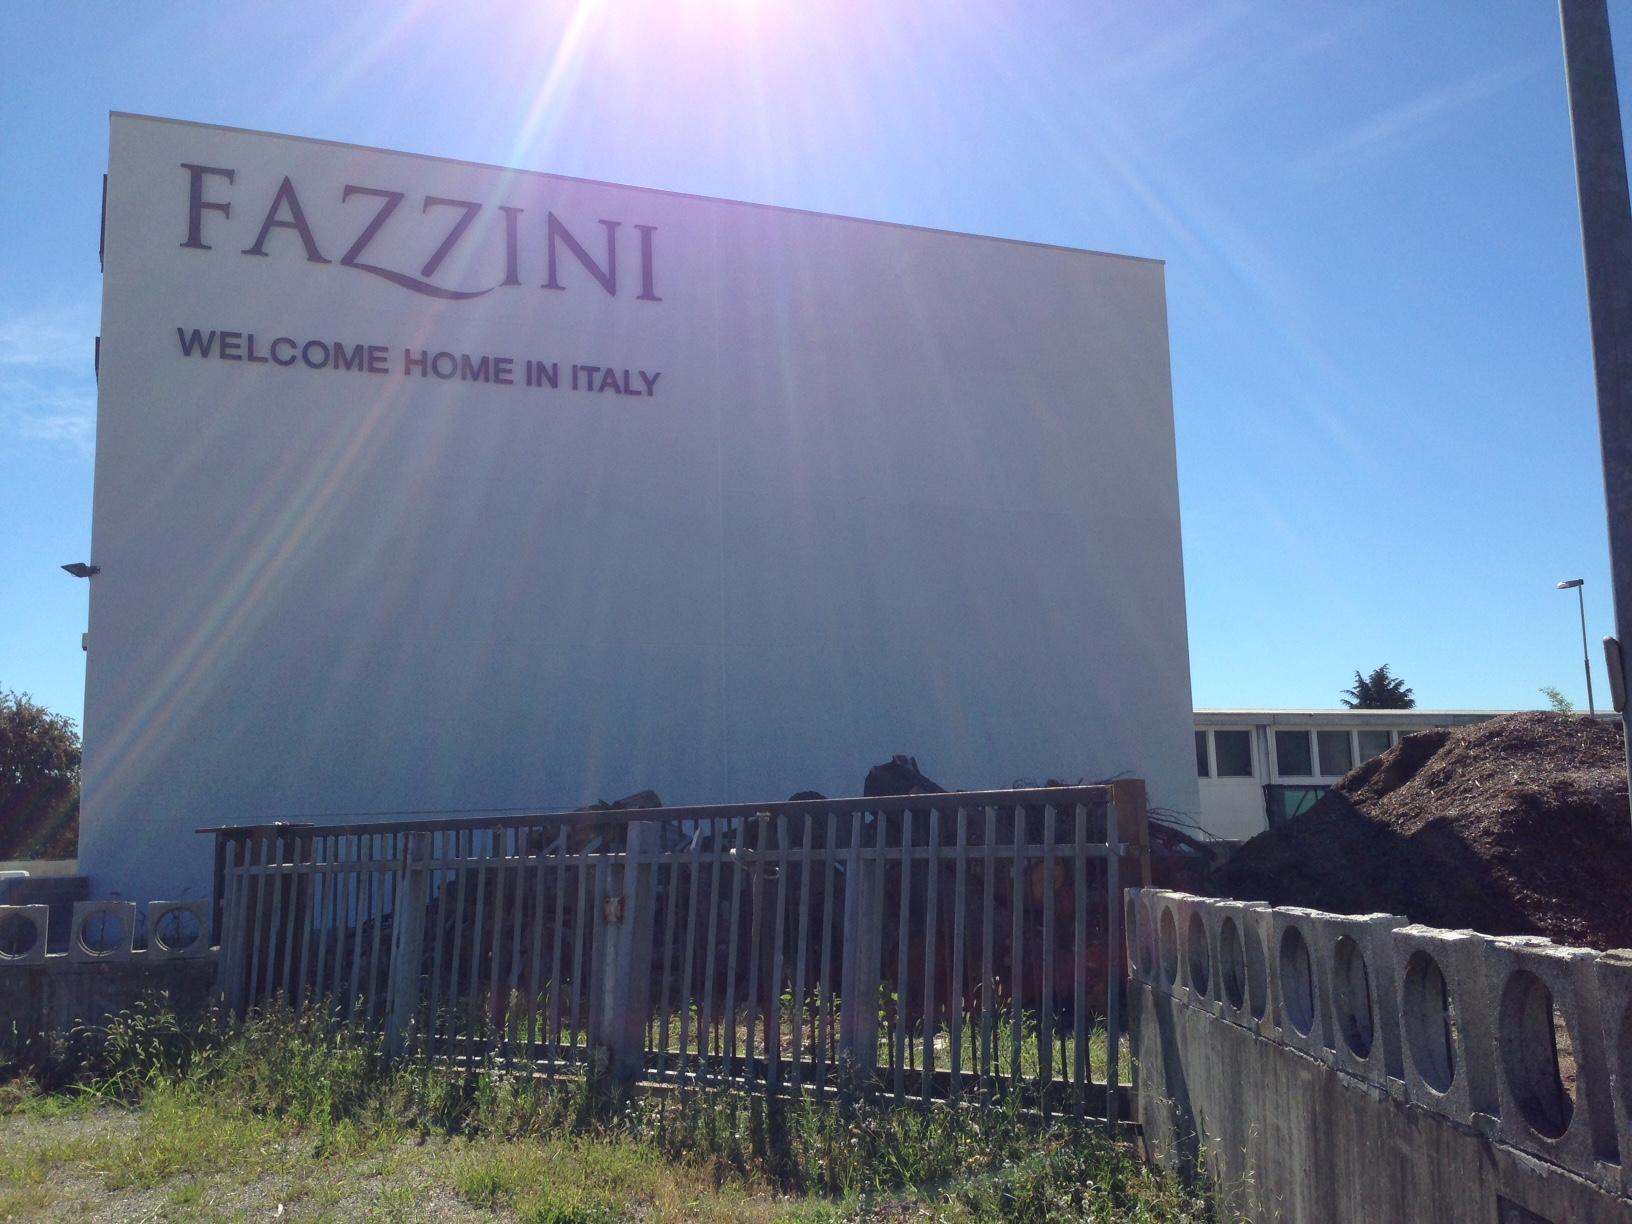 Cardano al campo va 2c studio sicurezza for Fazzini cardano al campo